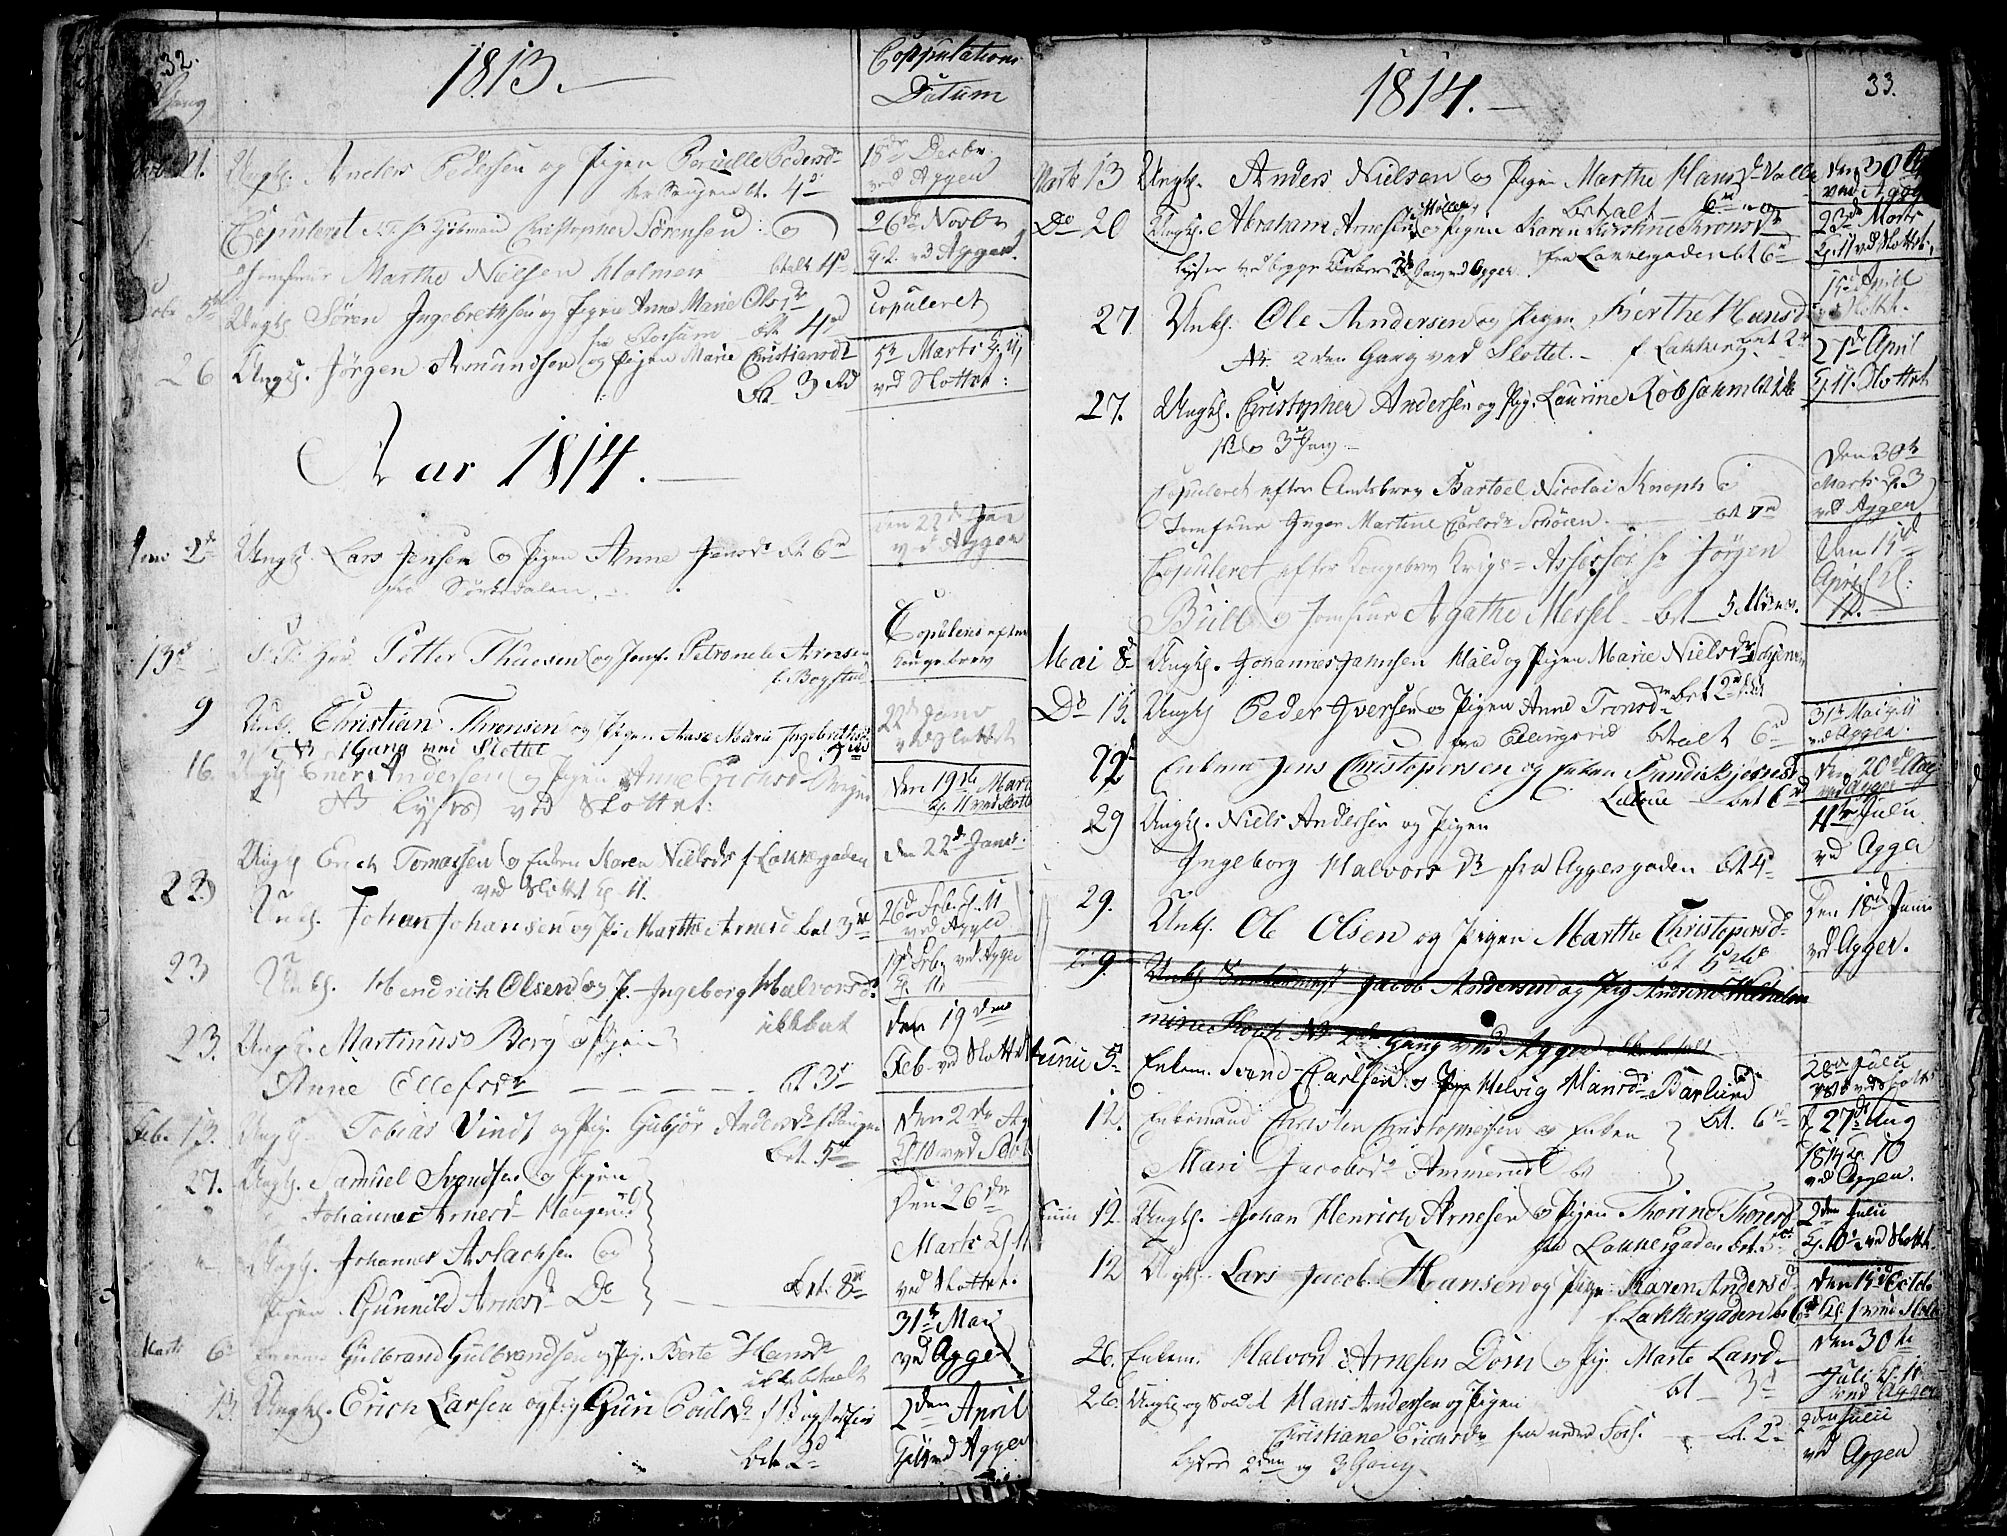 SAO, Aker prestekontor kirkebøker, G/L0001: Klokkerbok nr. 1, 1796-1826, s. 32-33